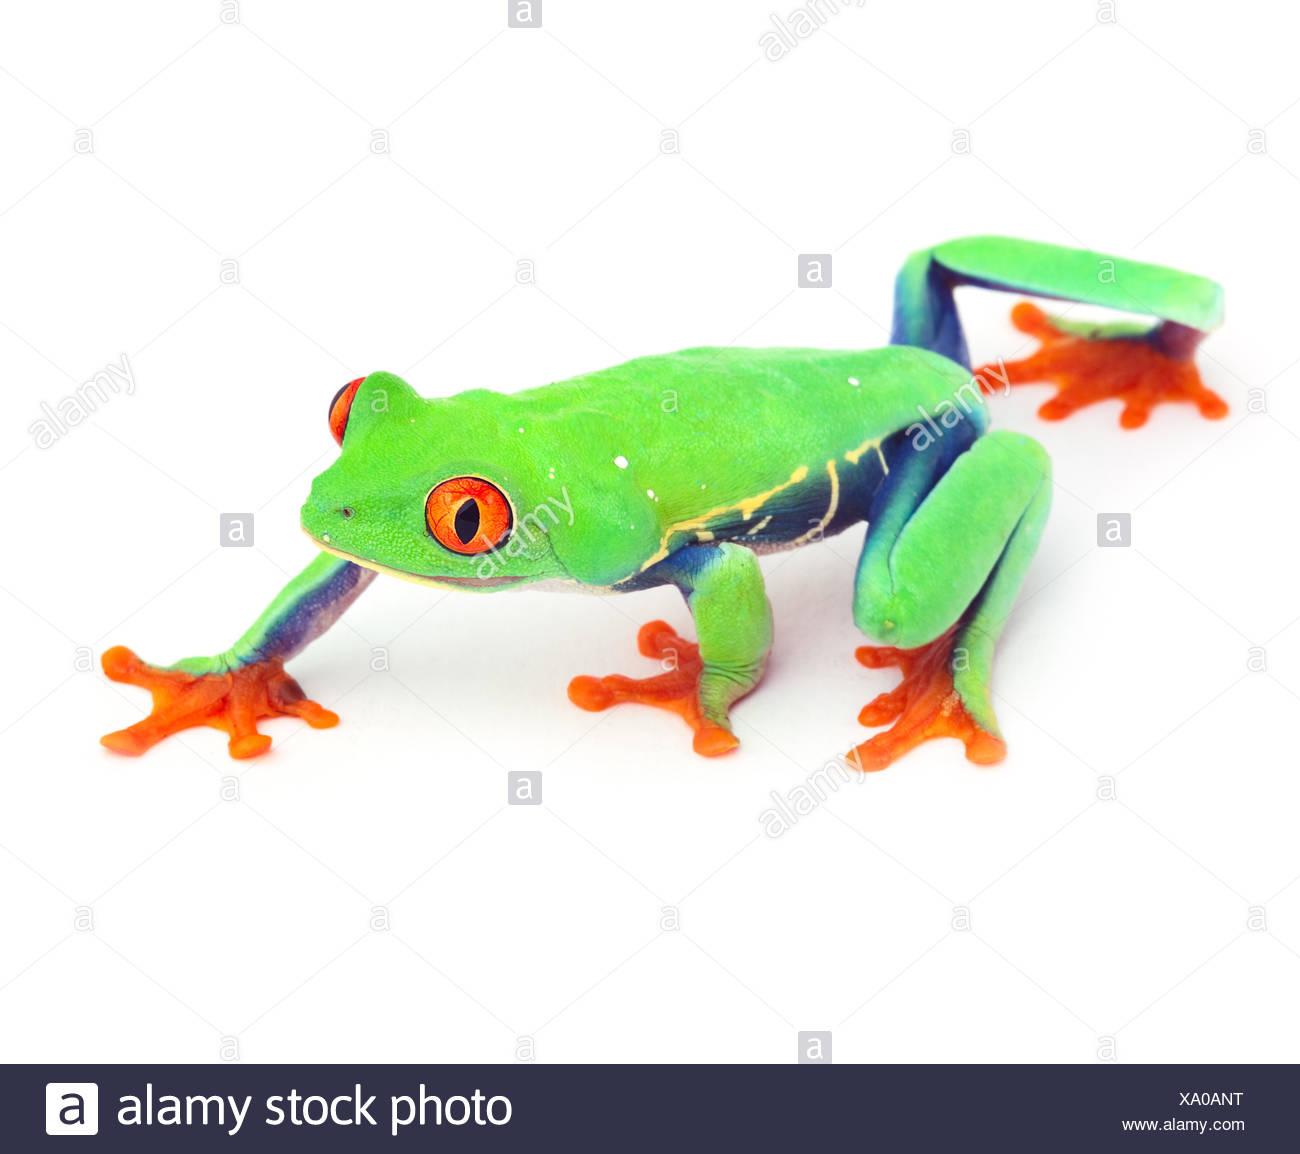 Charmant Frosch Bild Zu Färben Fotos - Druckbare Malvorlagen ...